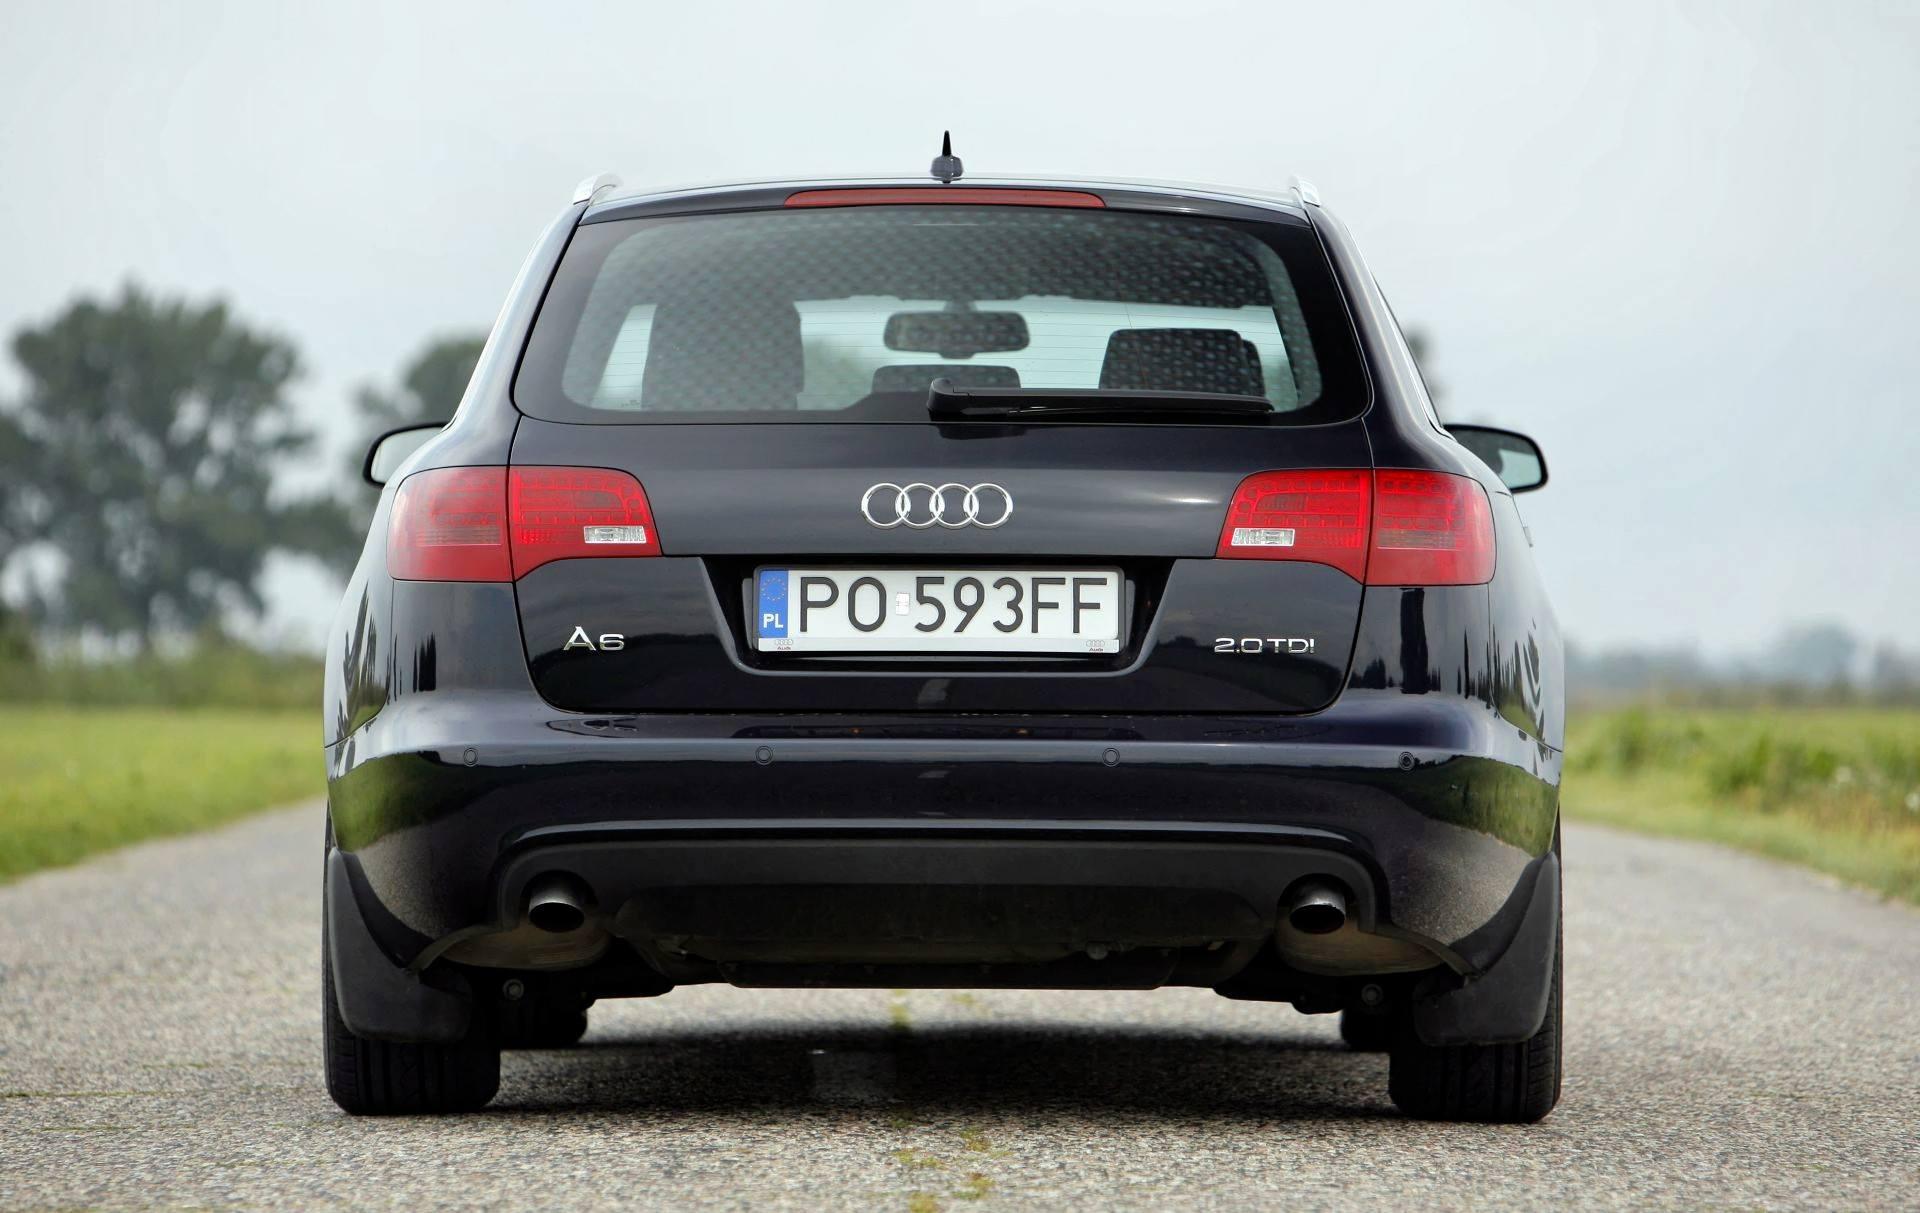 Używane Audi A6 C6 2004 2011 Opinie